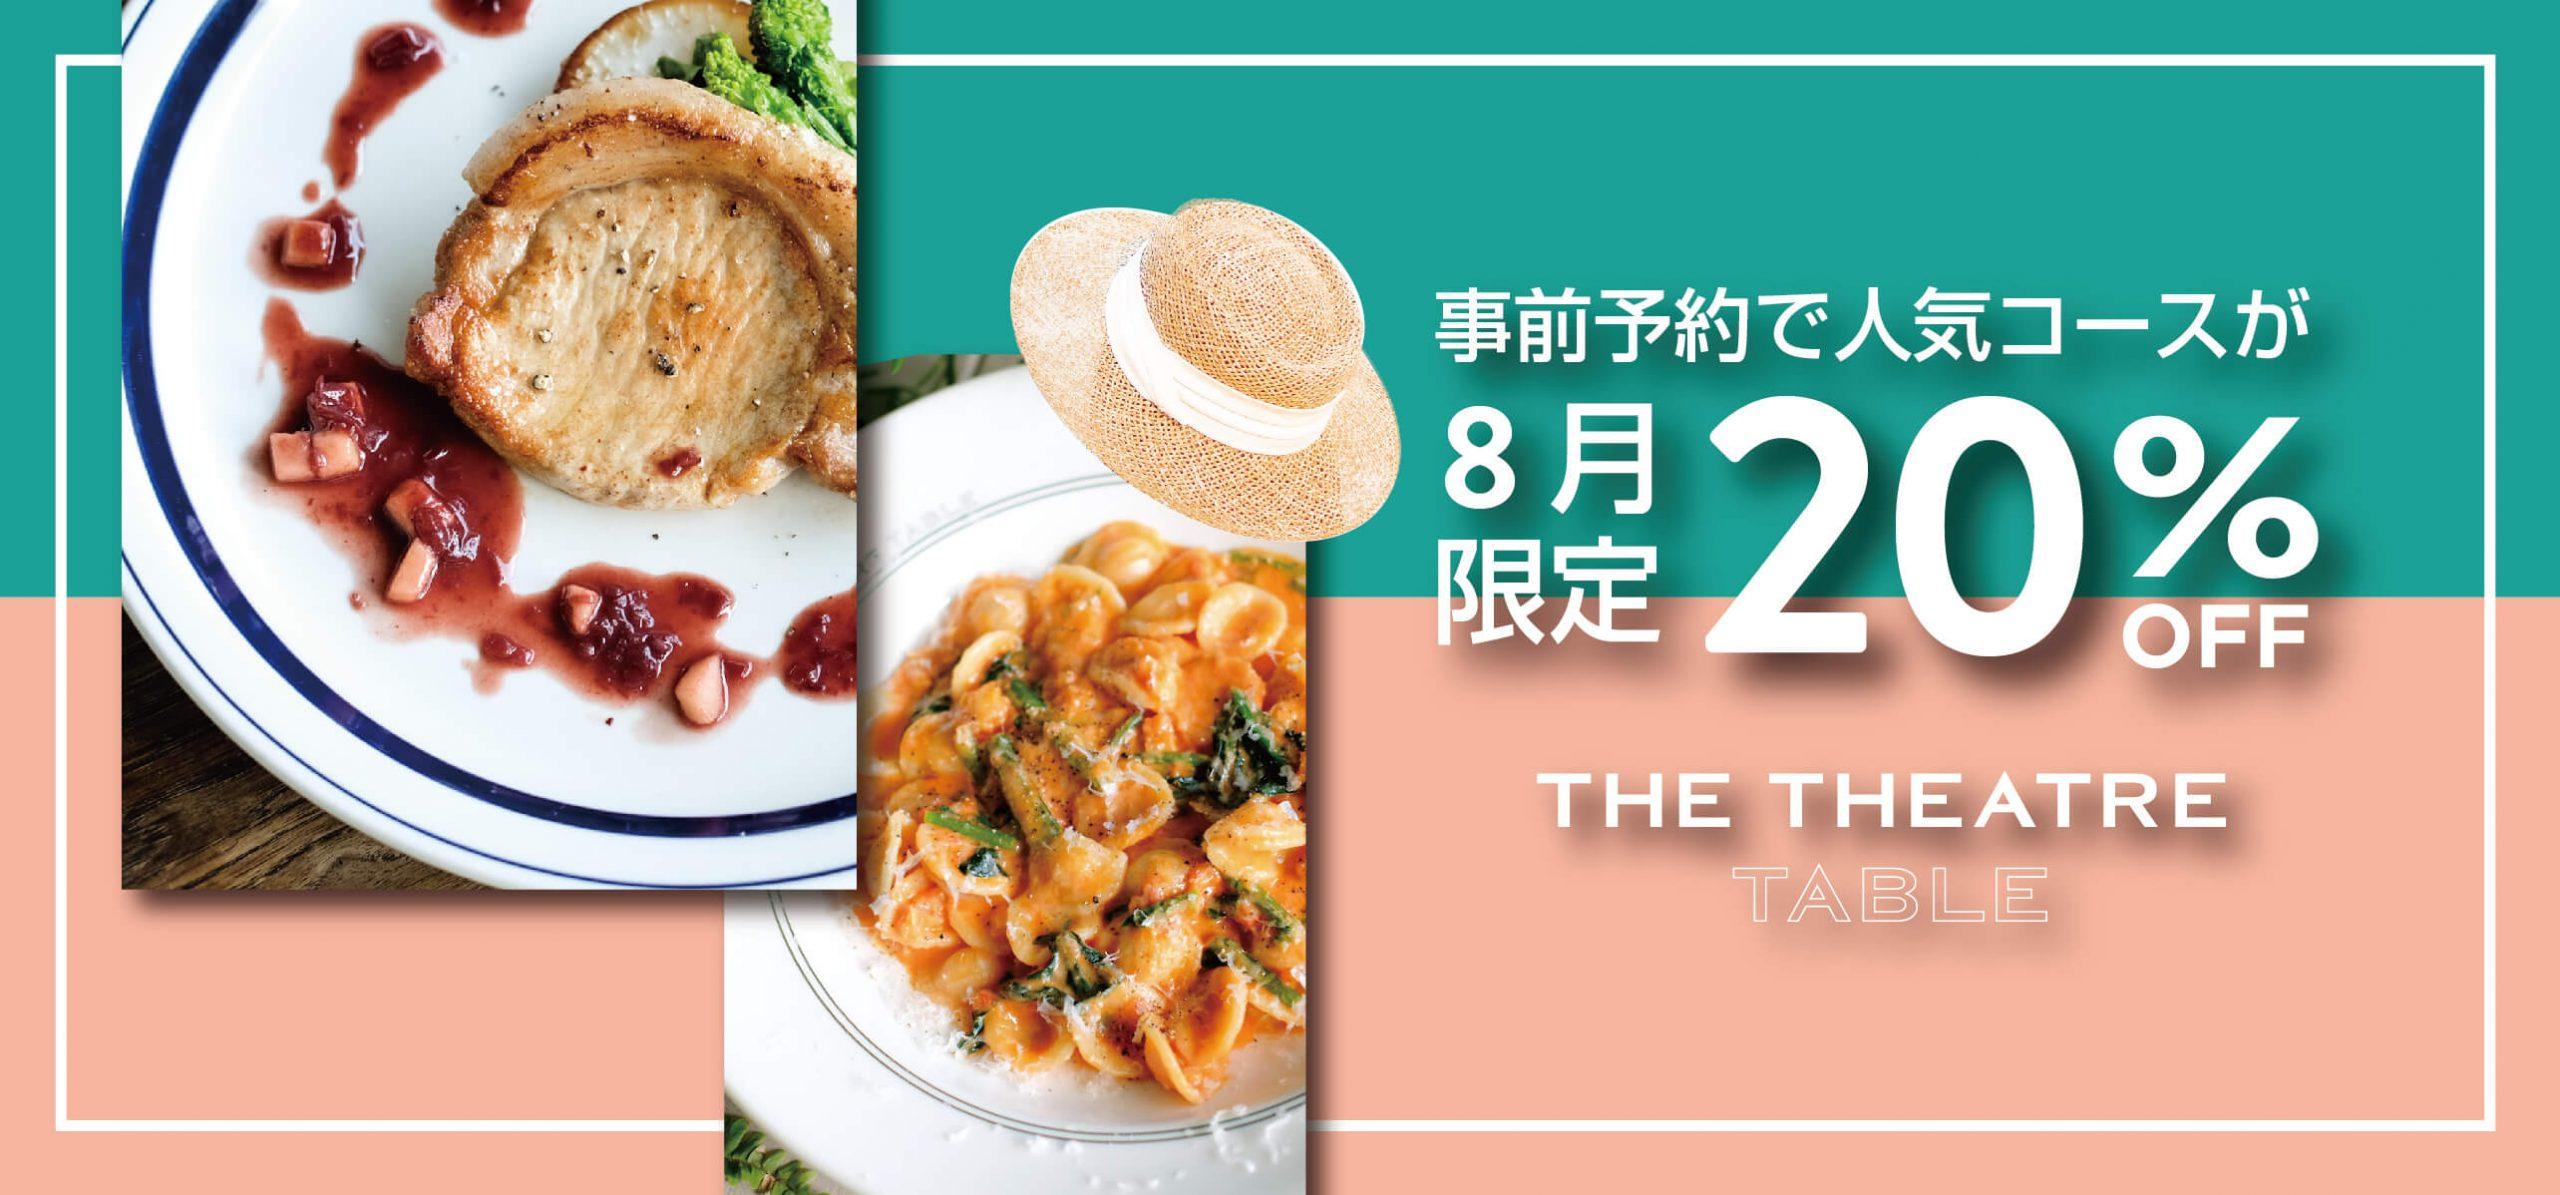 【人気コースが20%OFF】夏の食材をふんだんに使った季節限定コースなど、人気コースが事前予約でお得に!